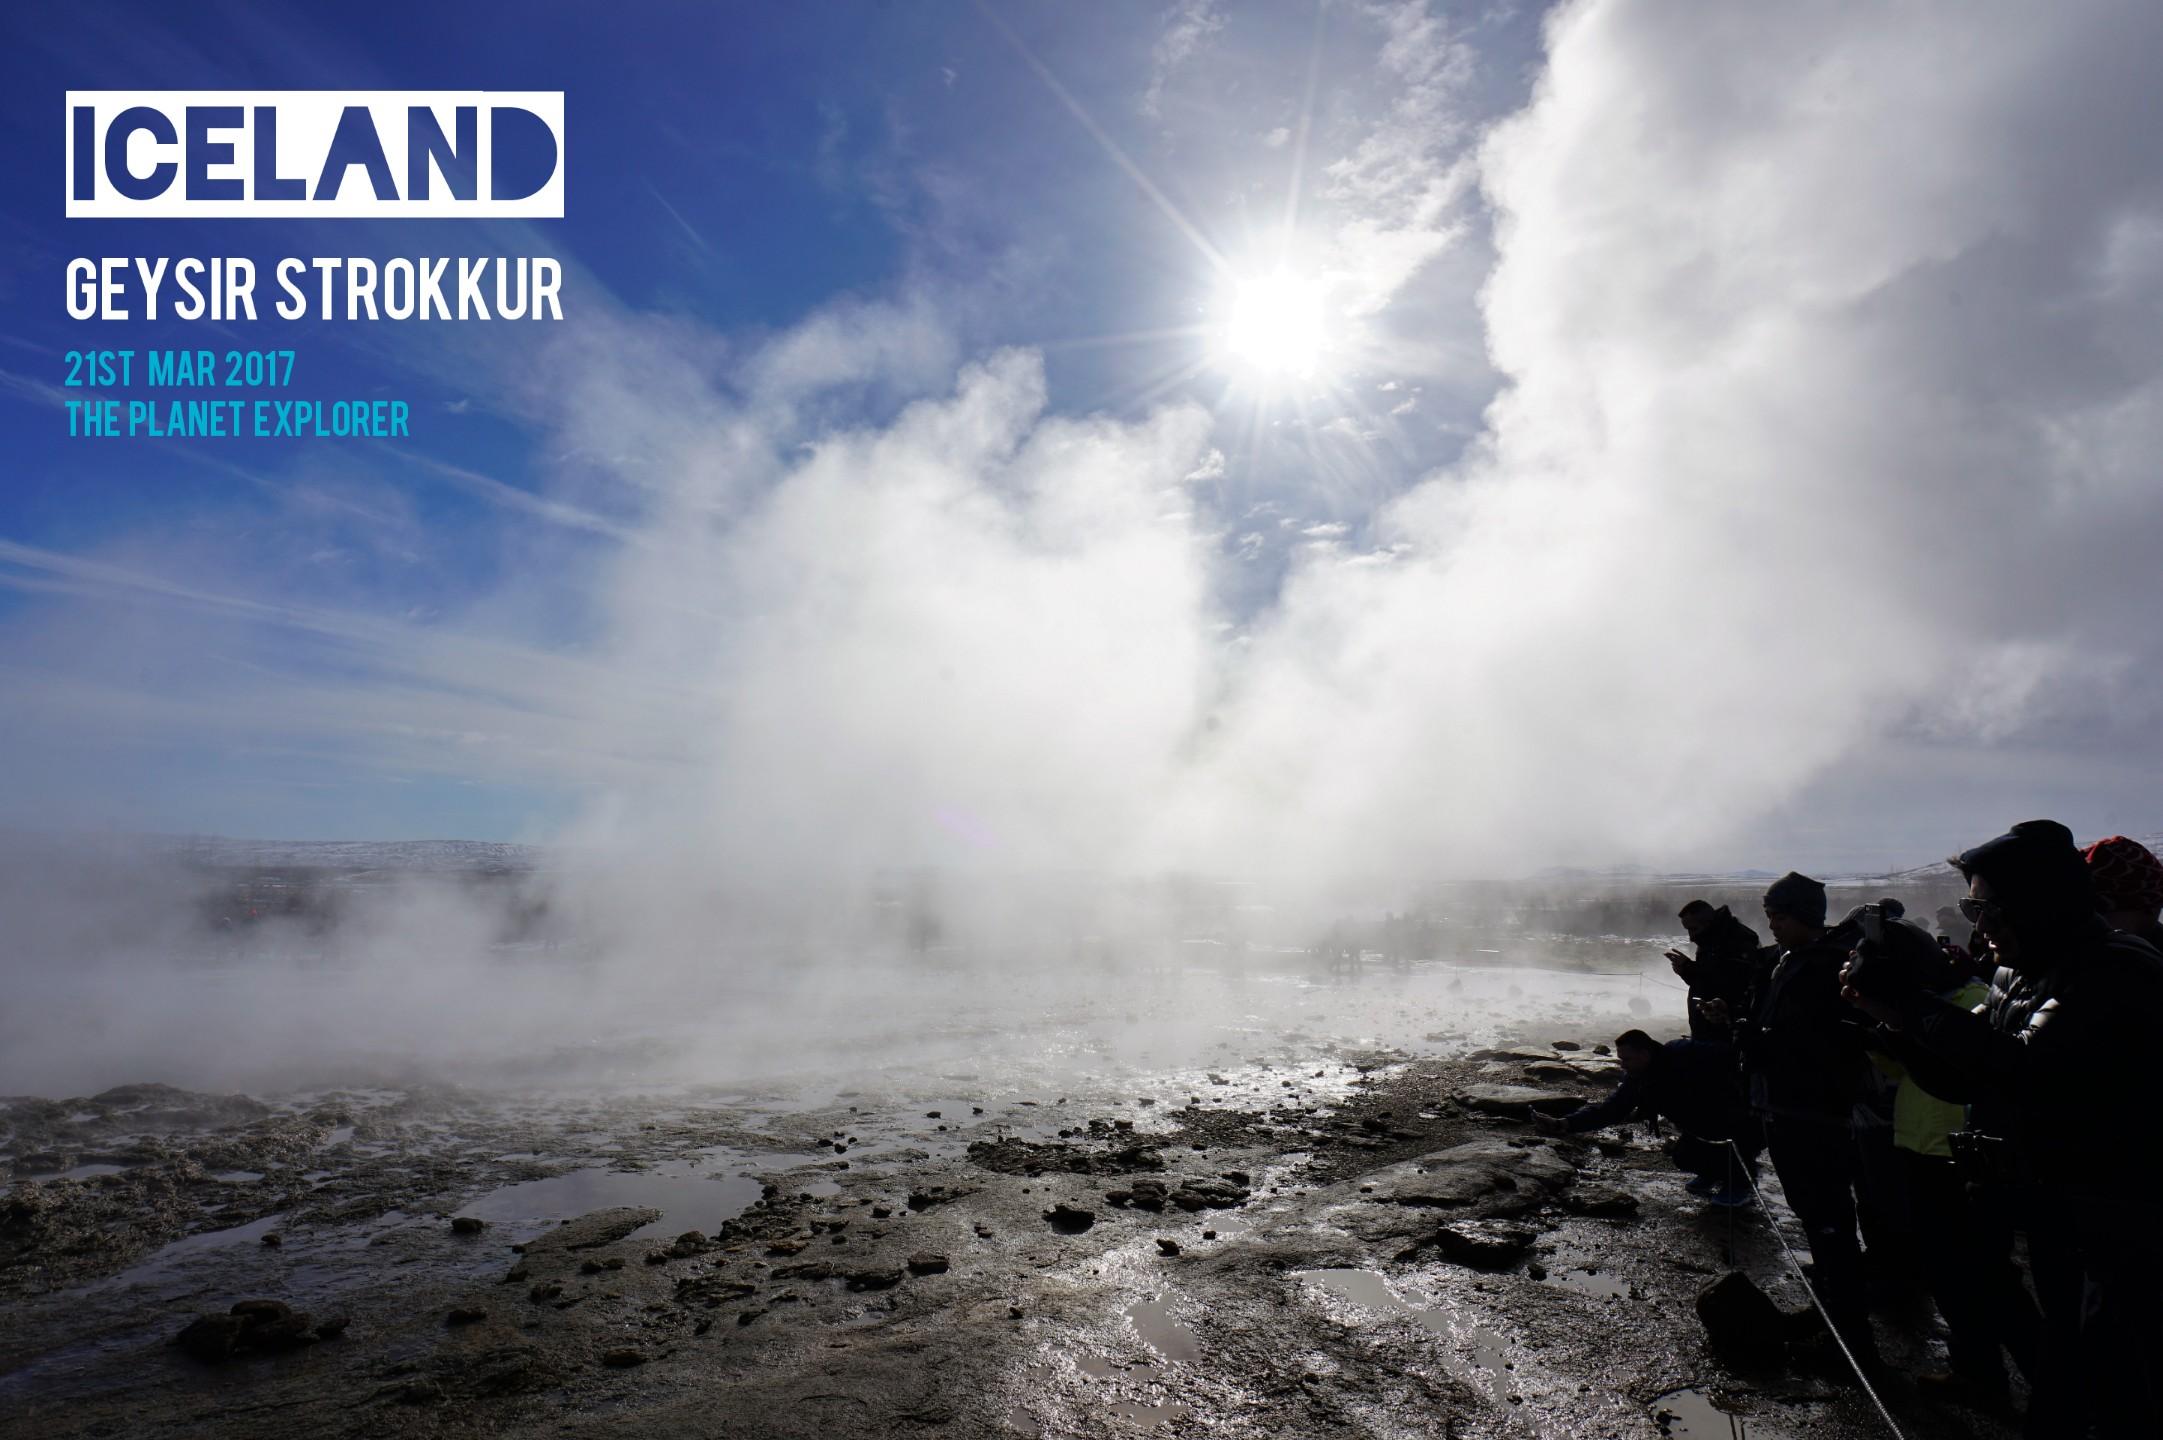 20170321_1401_Iceland_Geysir Strokkur_DSC02321_Sony a7R2_474kb_3x2_@_w